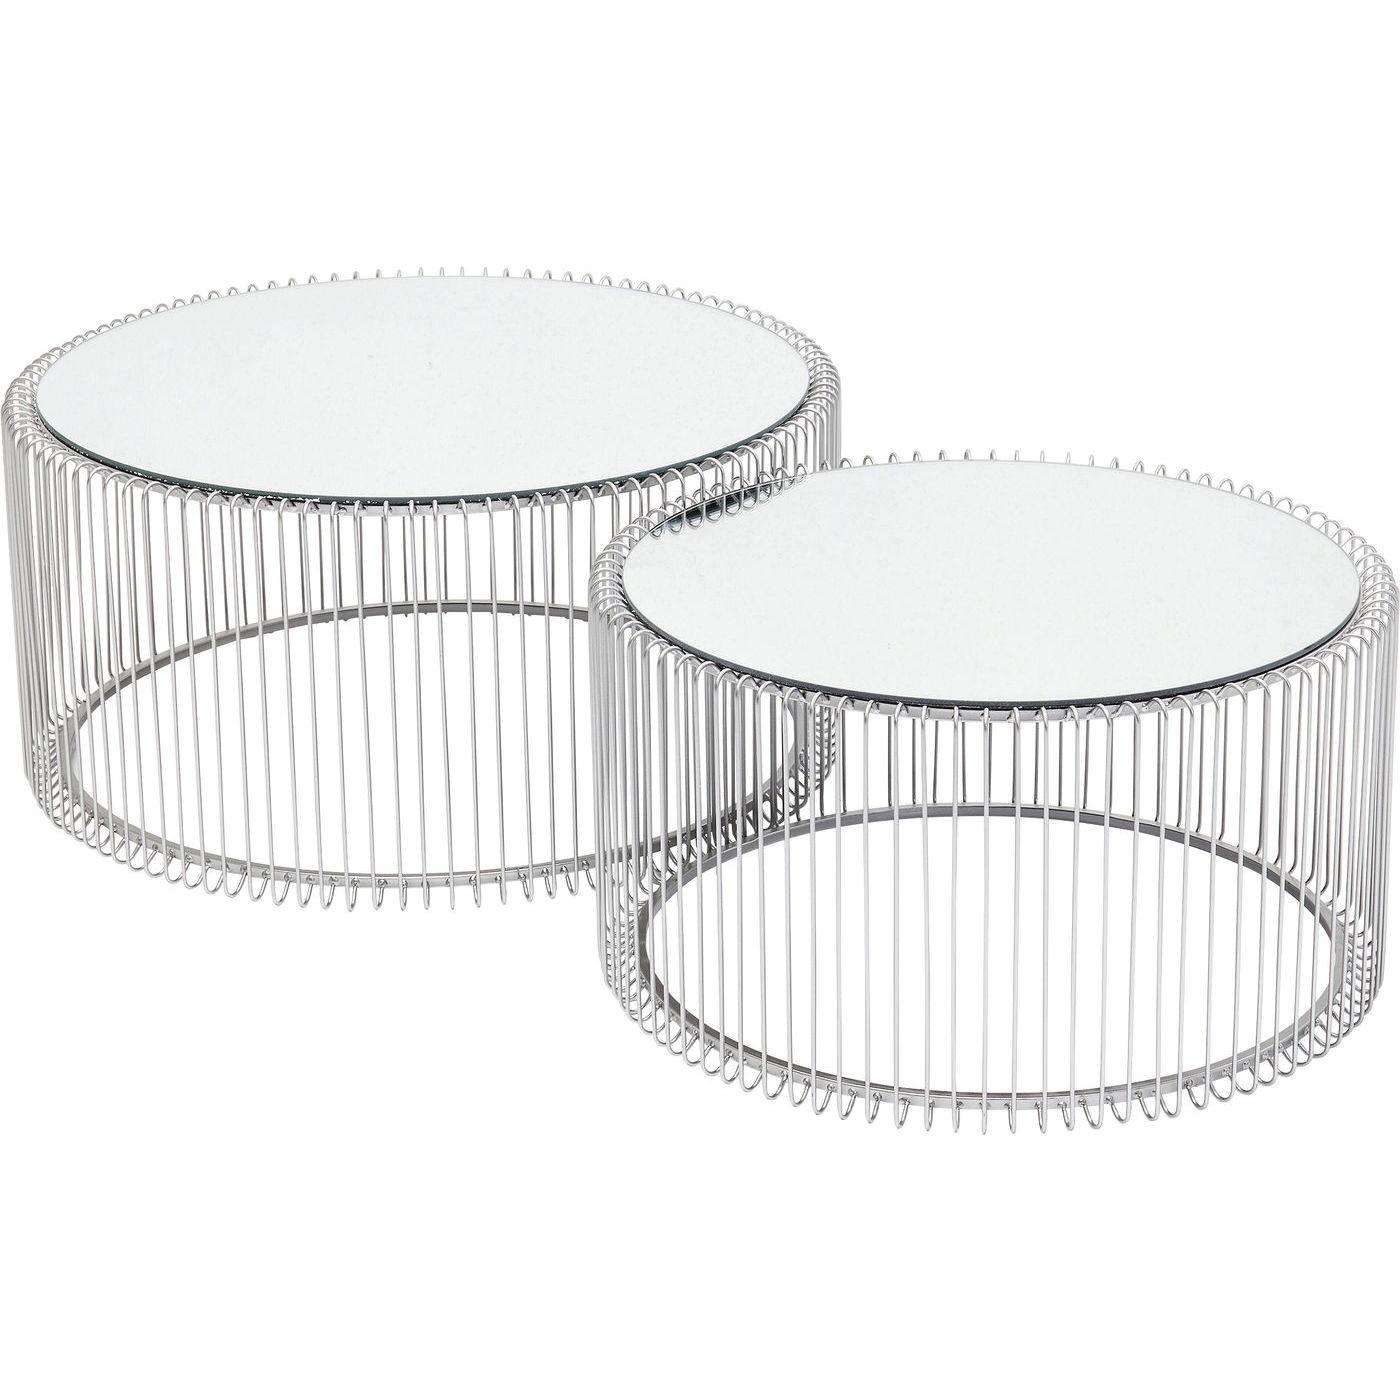 2 tables basses rondes en acier argenté et verre miroir